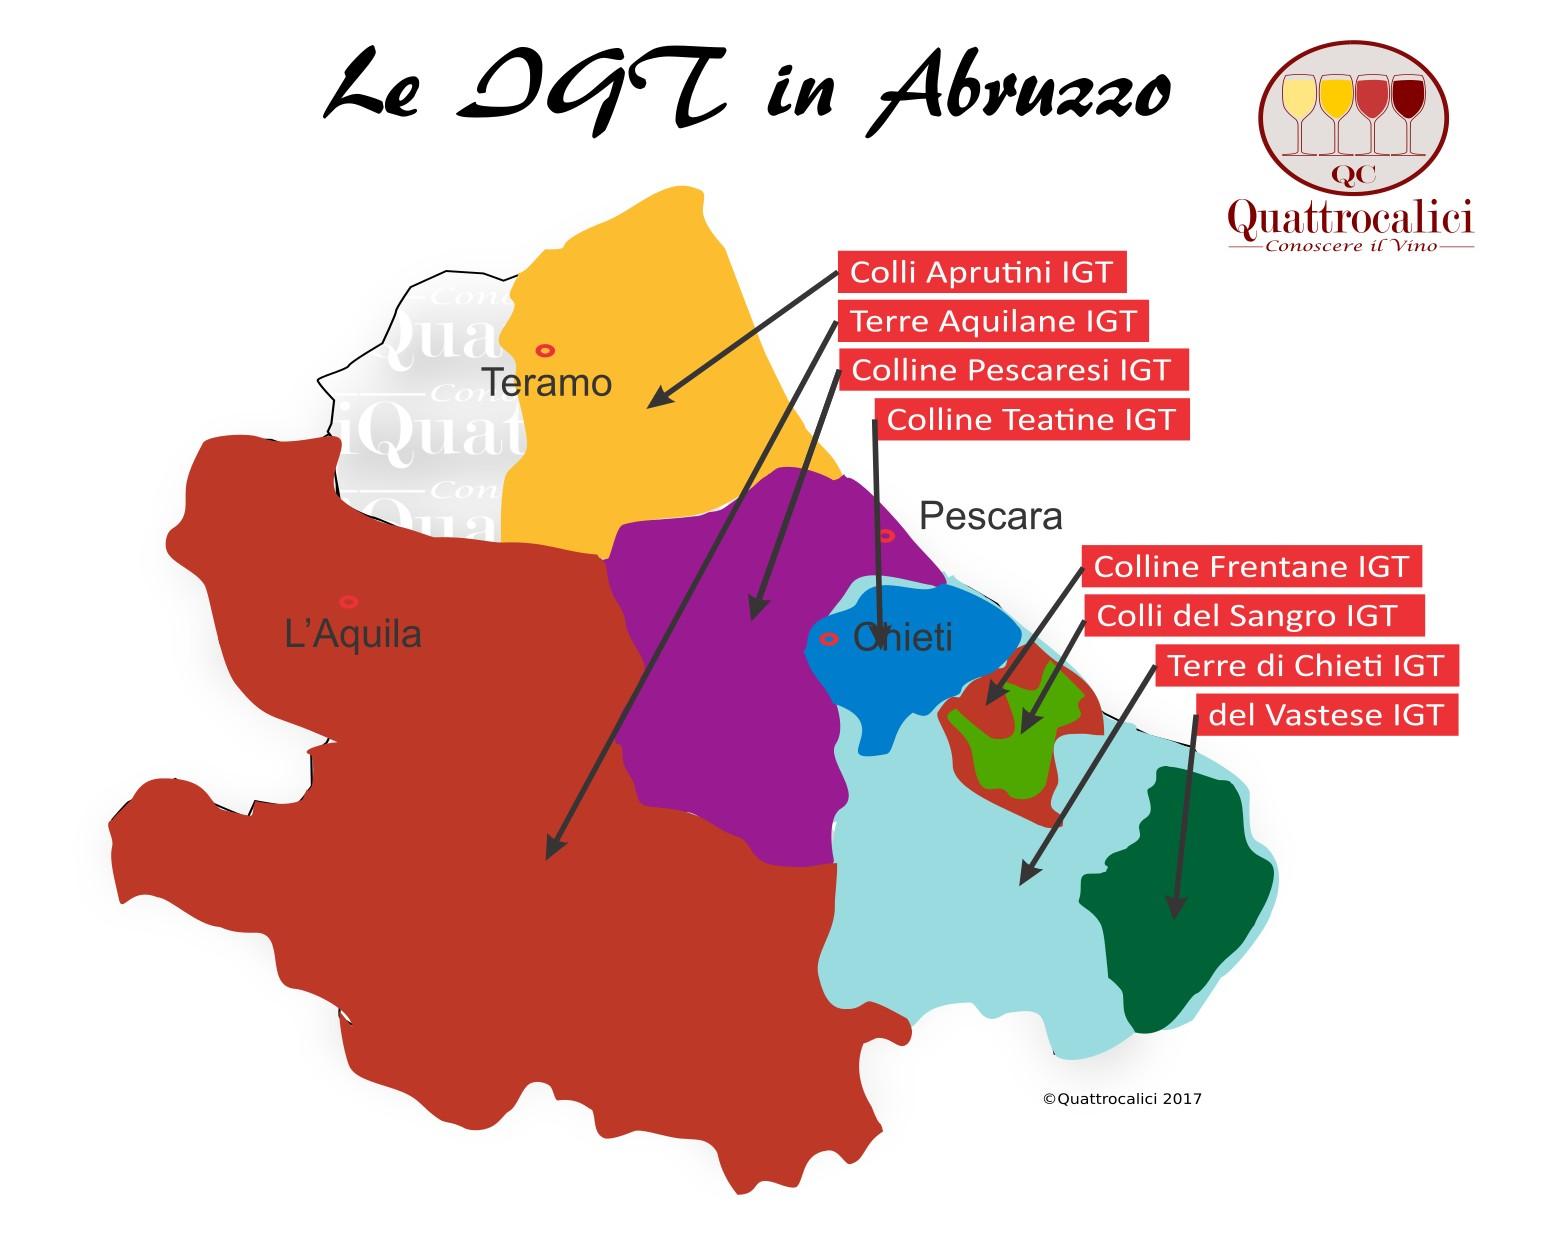 Mappa Denominzioni IGT Abruzzo